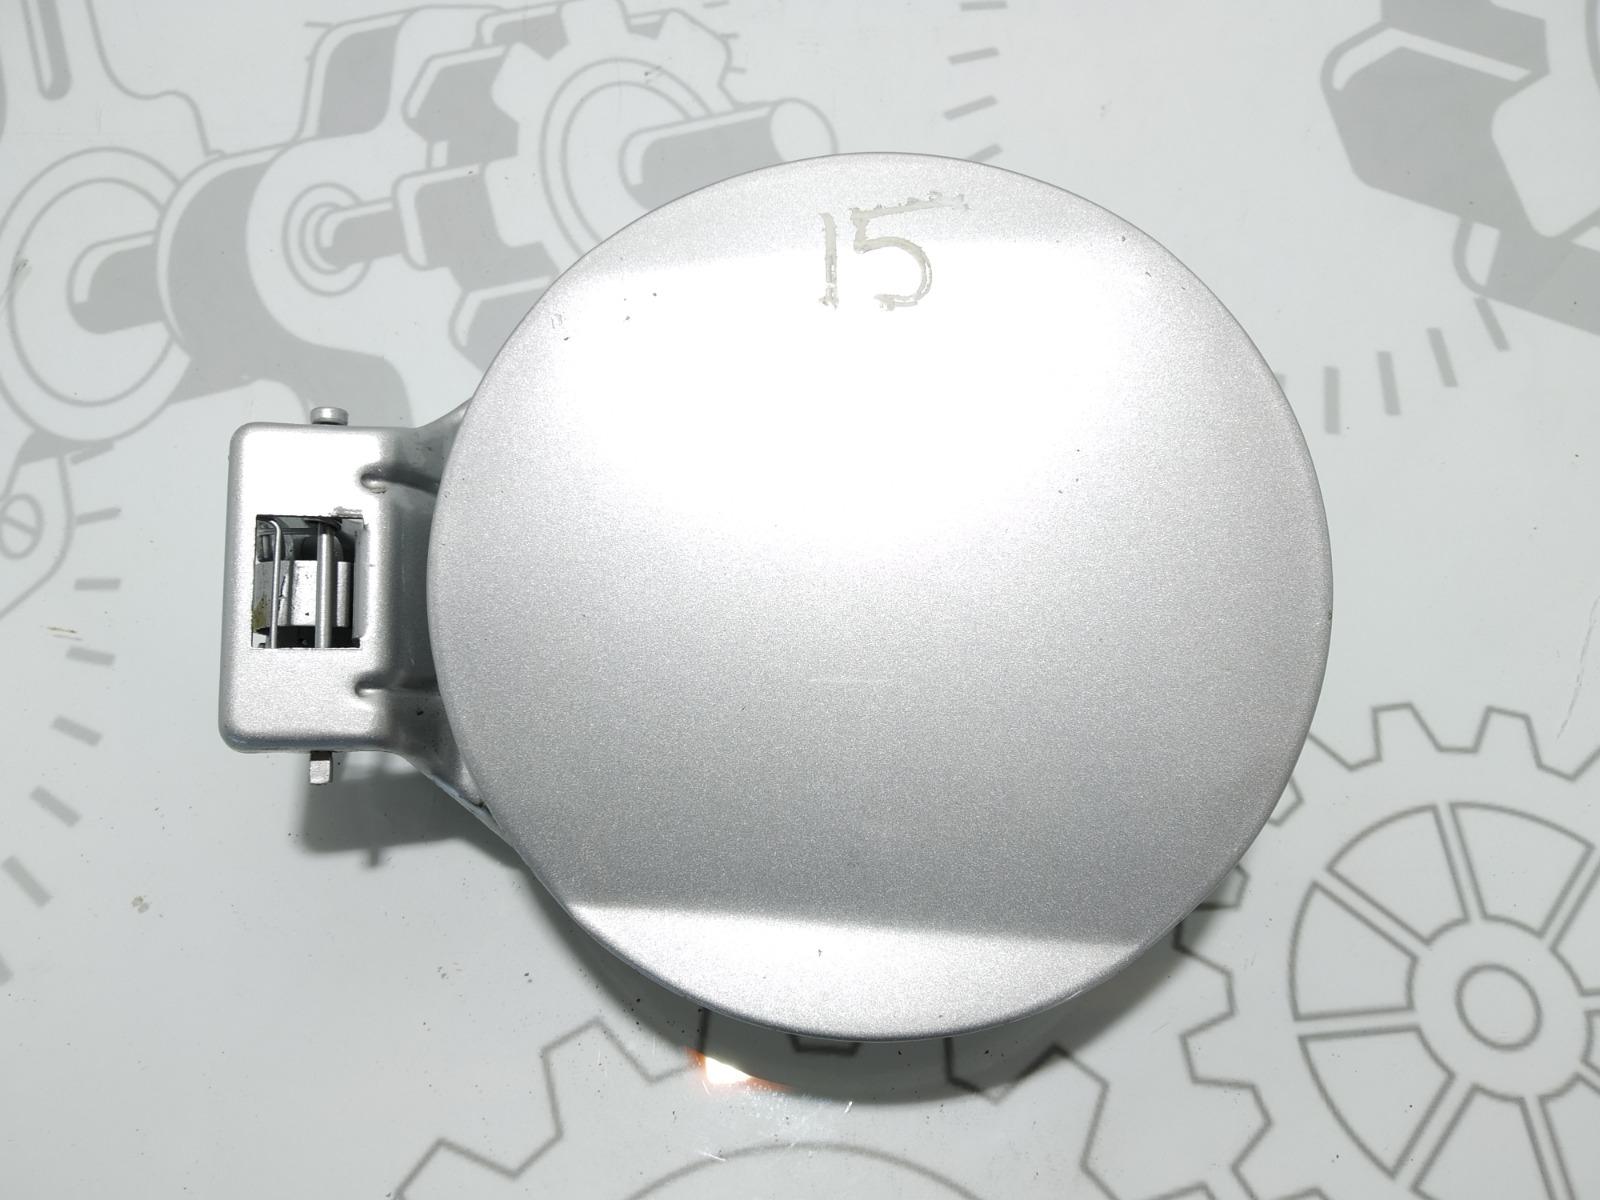 Лючок топливного бака Kia Sportage 2.0 CRDI 2009 (б/у)